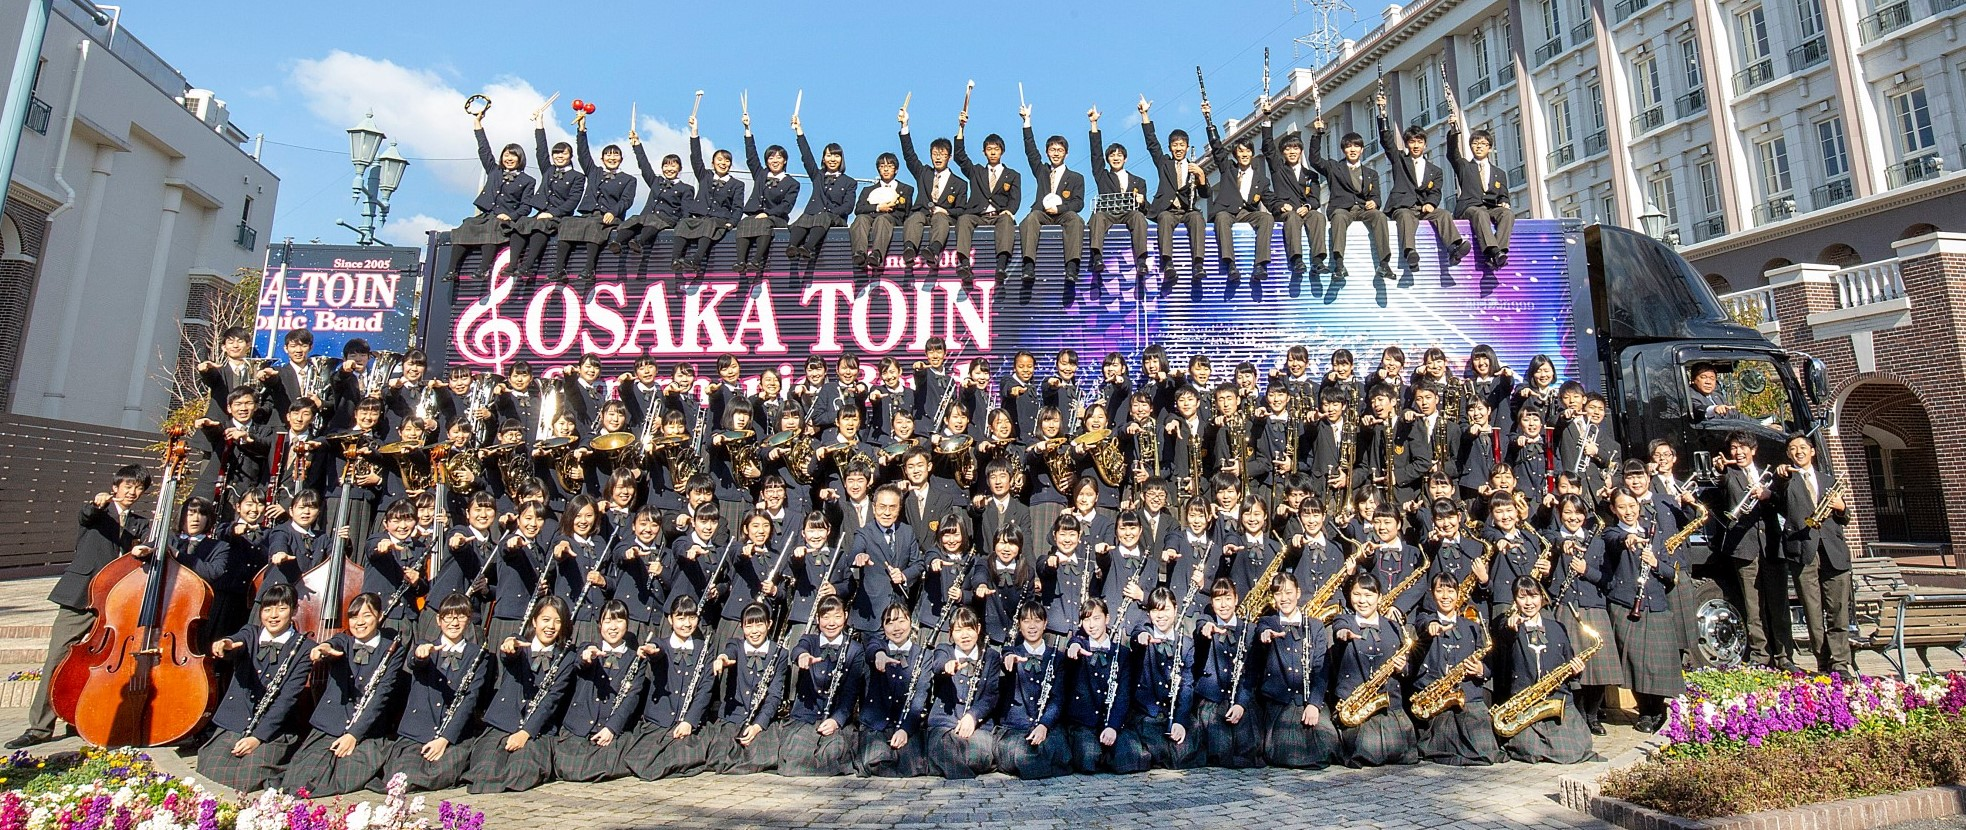 2019年、イベント、奈良県、大和高田市、12月、コンサート、ライブ、大和高田さざんかホール、観賞、大阪桐蔭高等学校吹奏楽部、サンタ・コンサート。